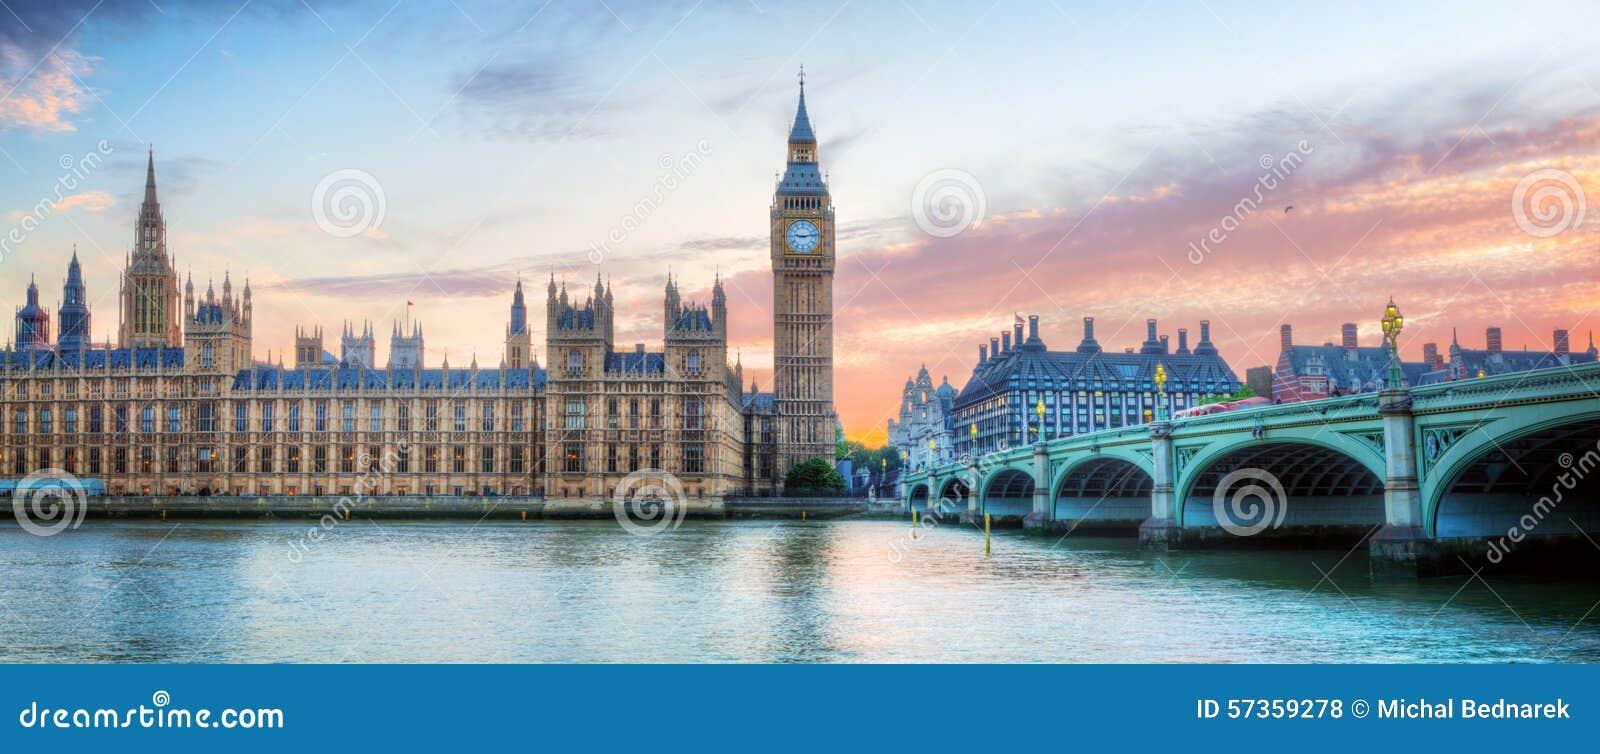 Πανόραμα του Λονδίνου, UK Big Ben στο παλάτι του Γουέστμινστερ στον ποταμό Τάμεσης στο ηλιοβασίλεμα